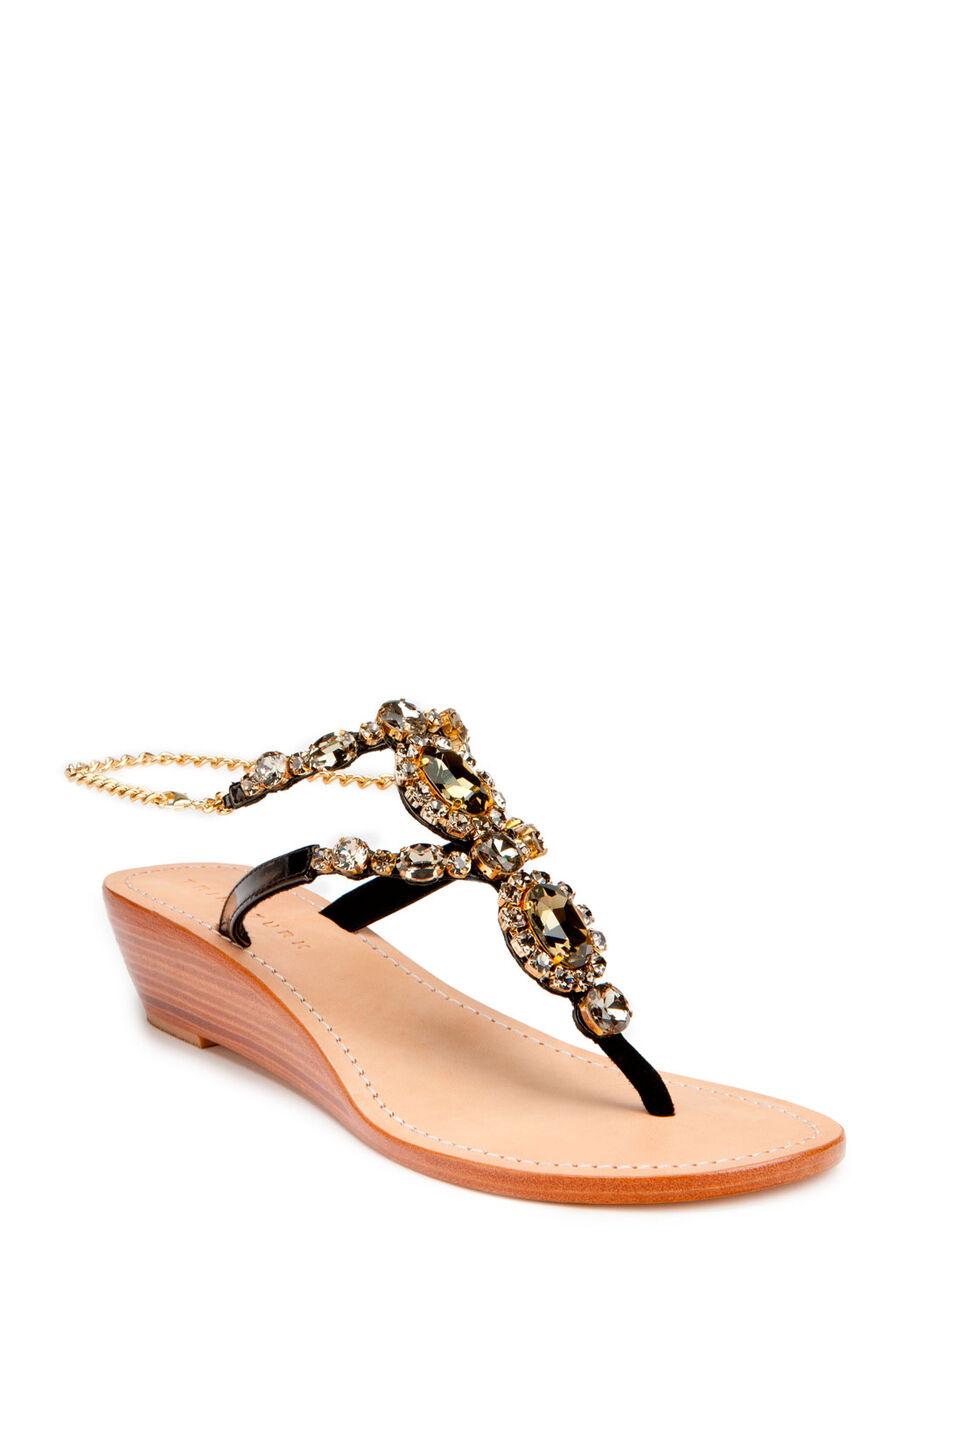 Azure Sandal